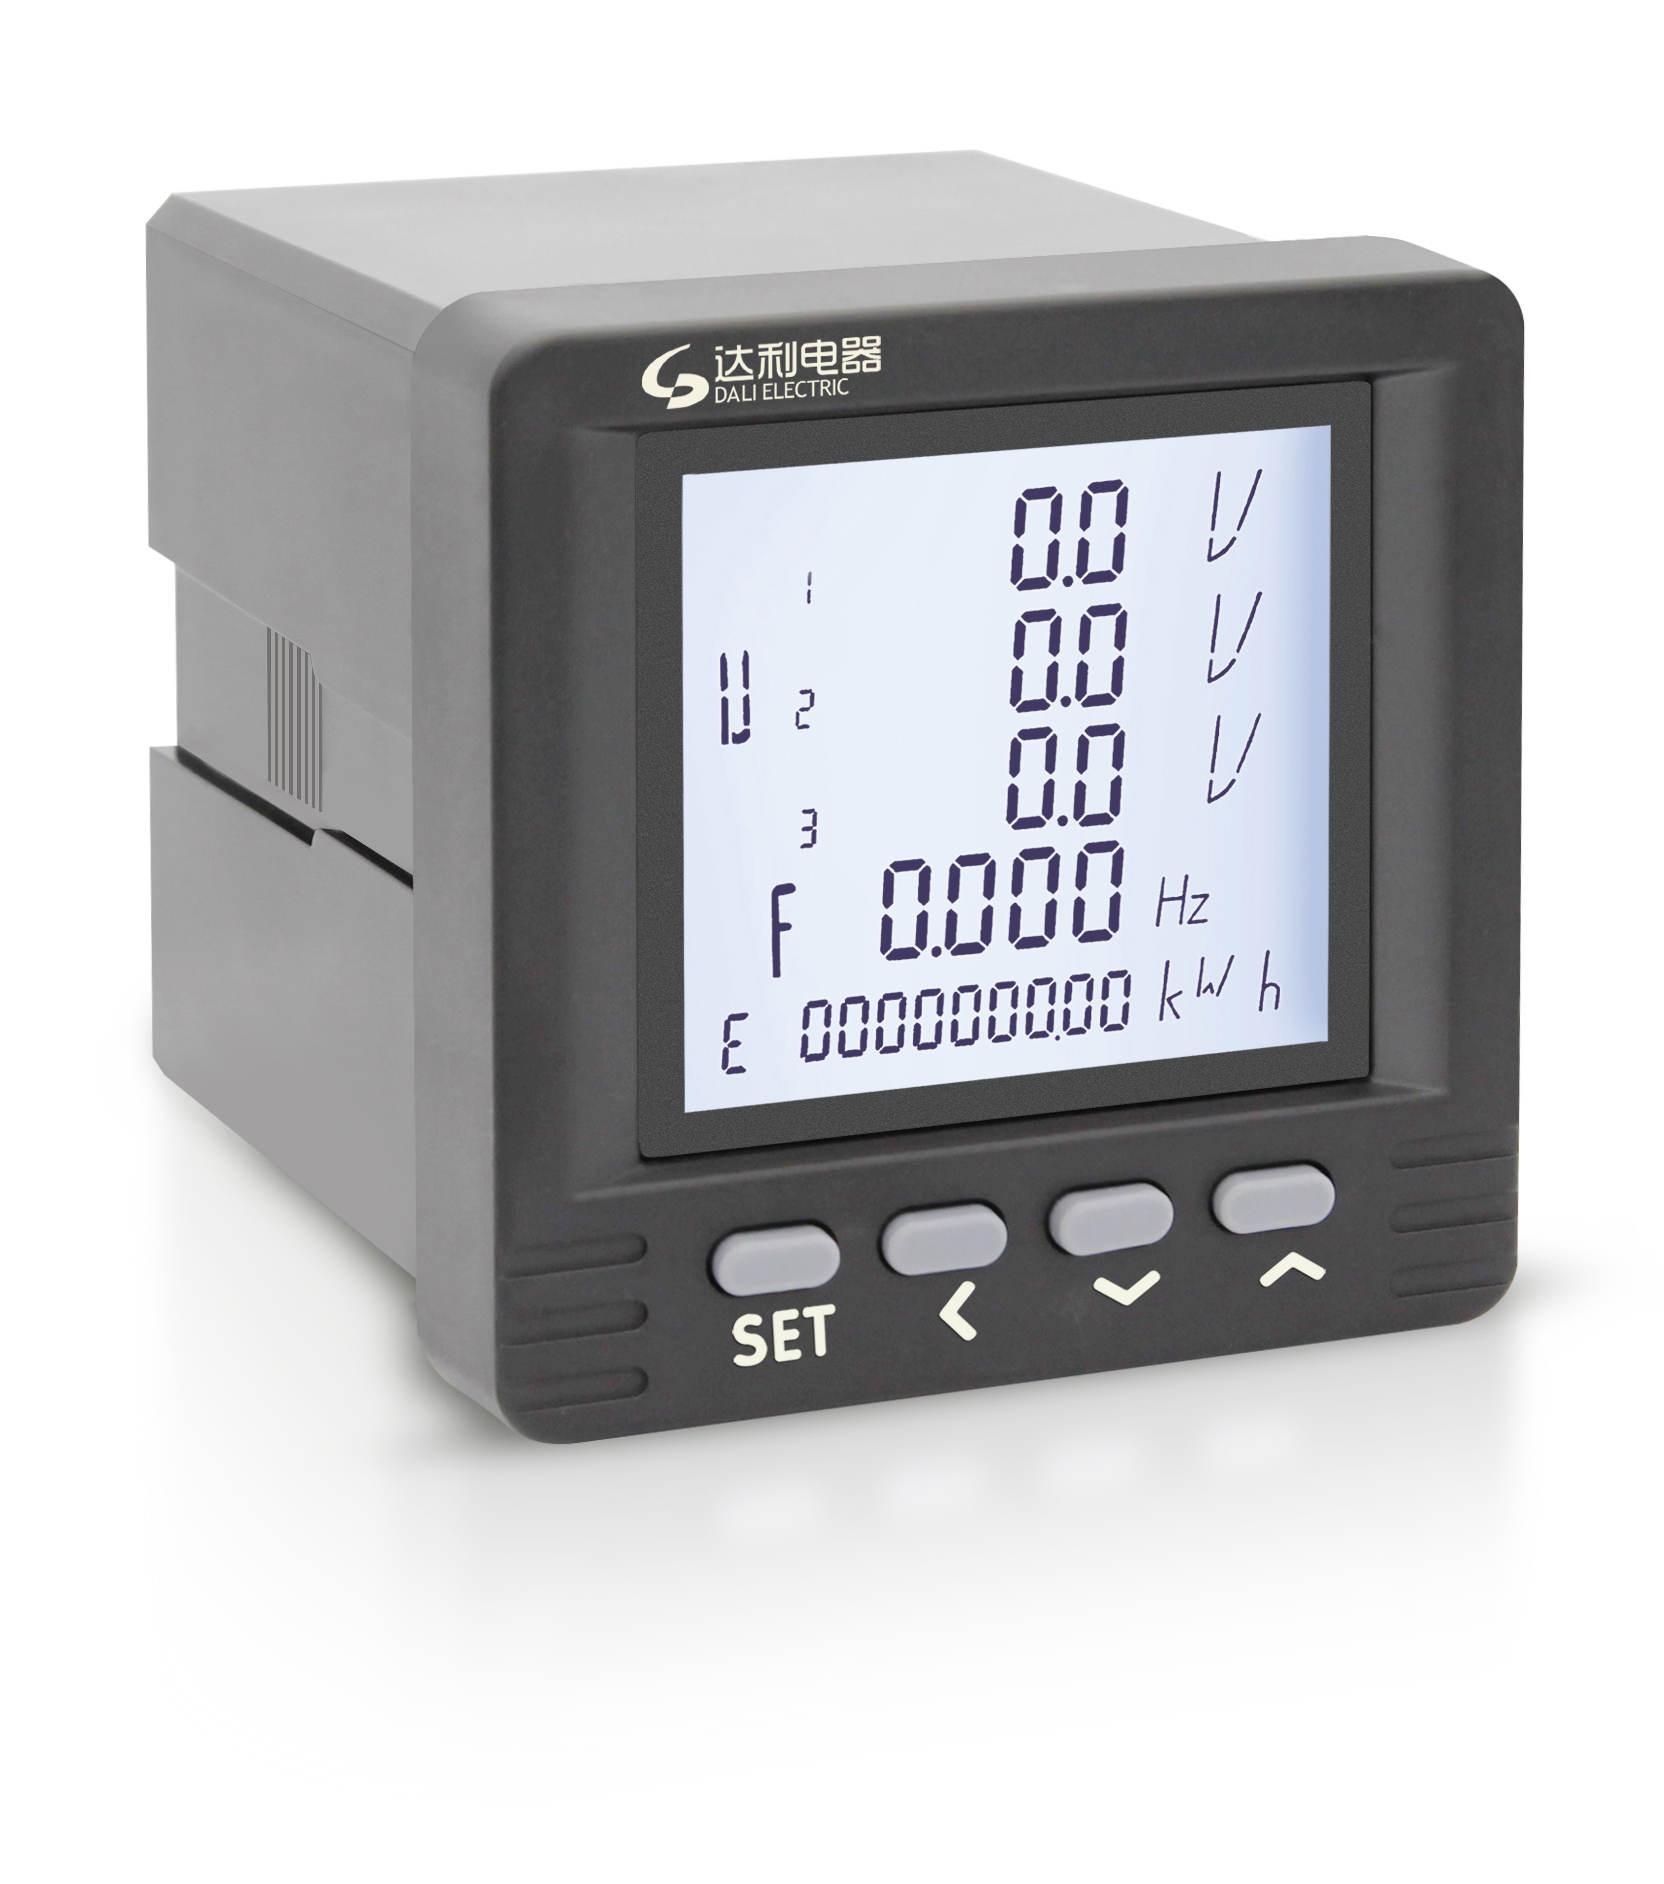 霞浦ZR-WKC01-2H/100W-120温湿度控制器详细解读